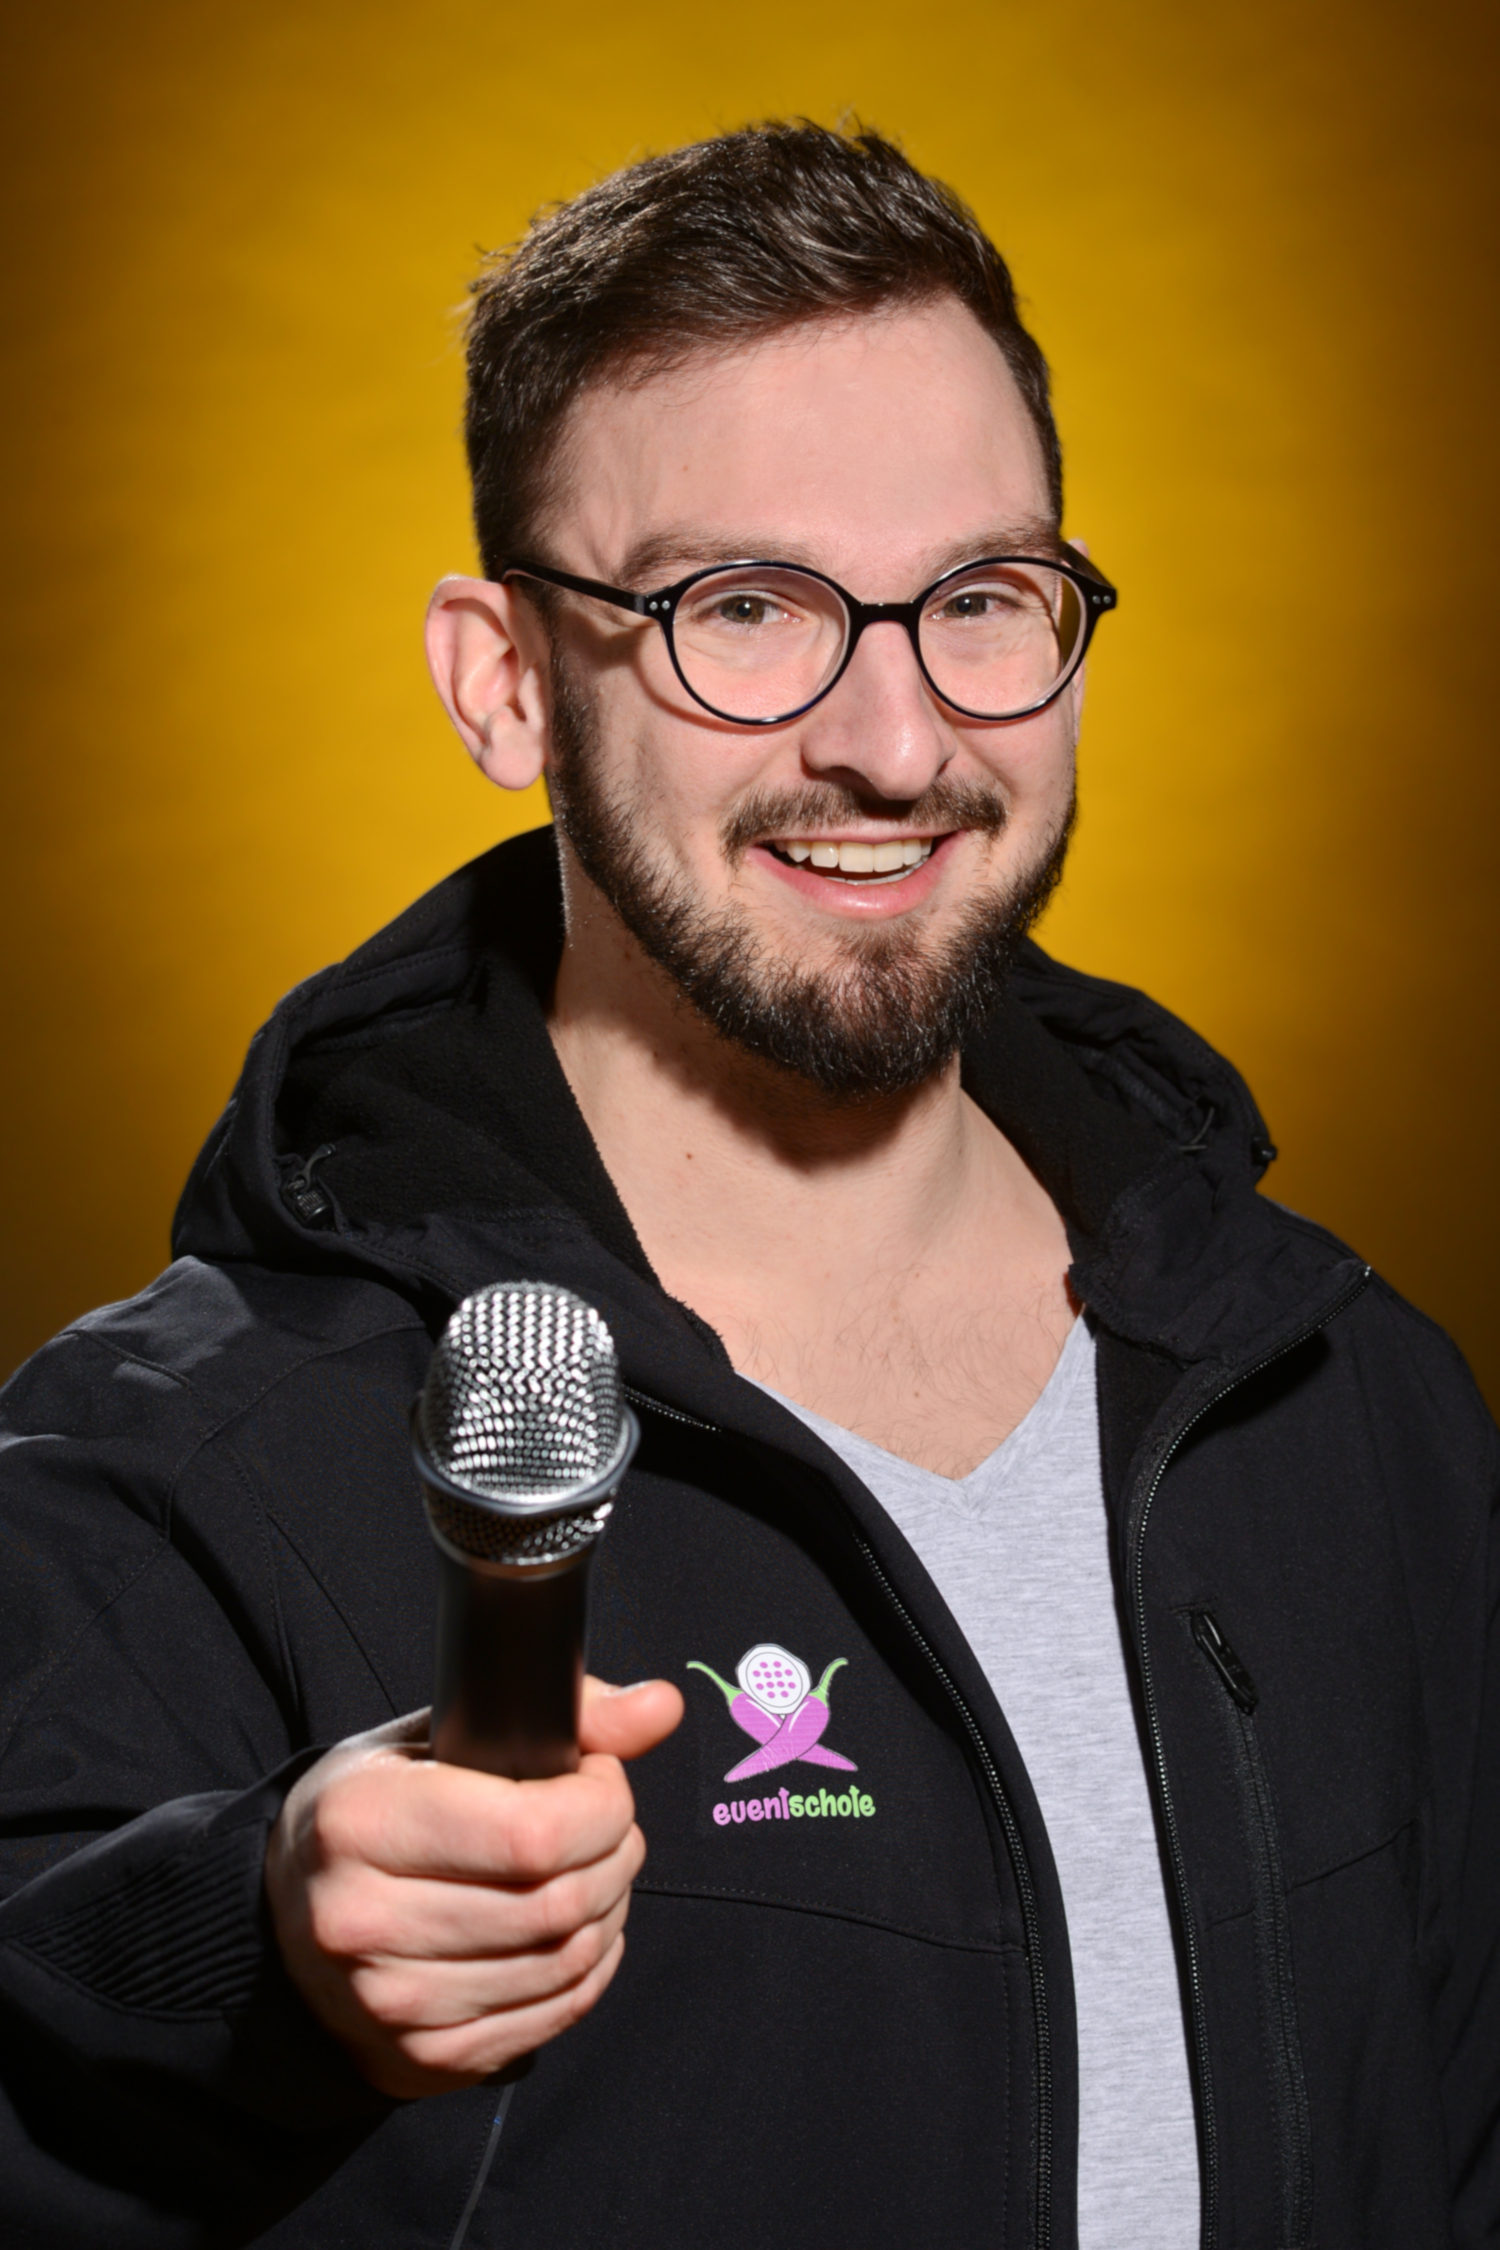 Christoph Duwe